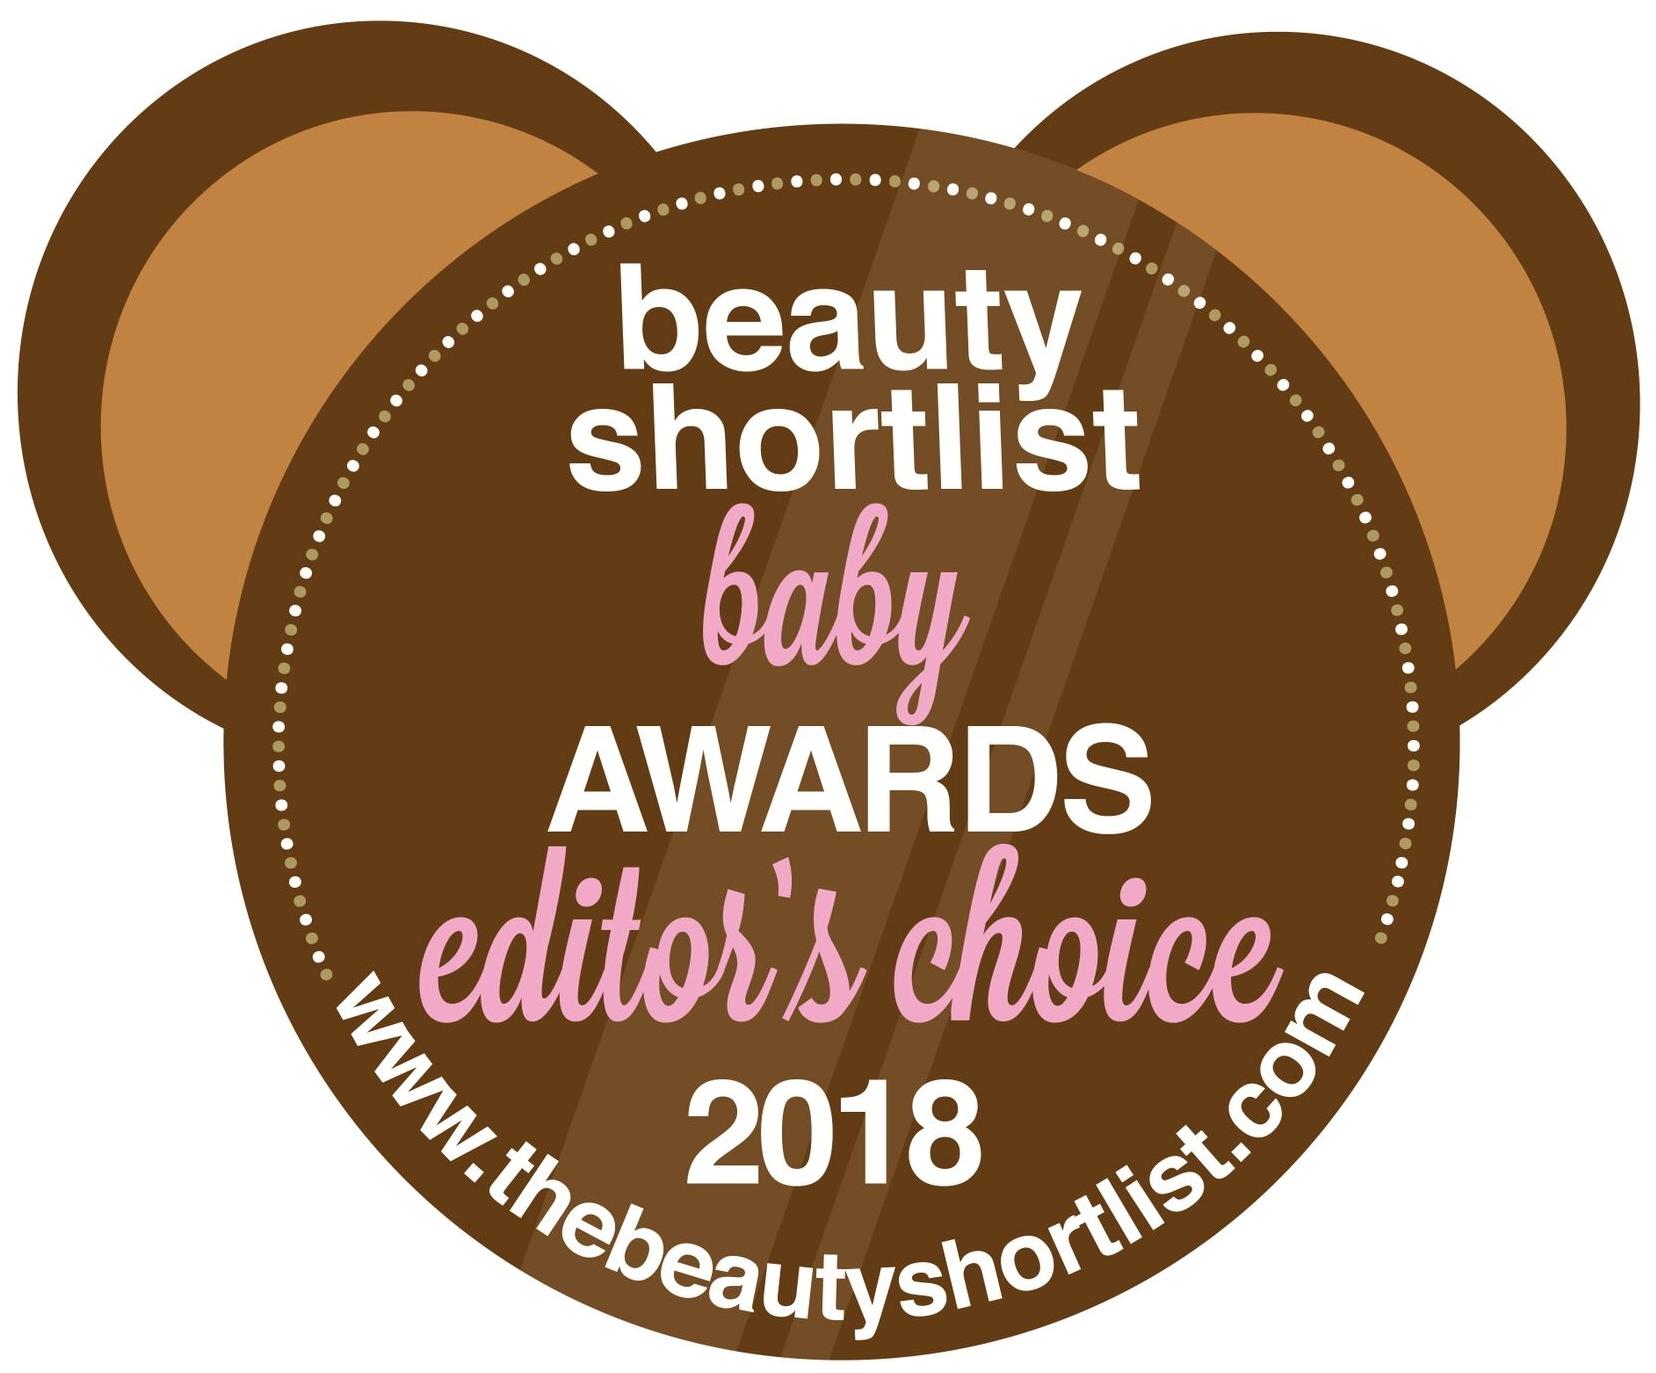 Beauty Shortlist Mama & Baby Awards - Editors Choice